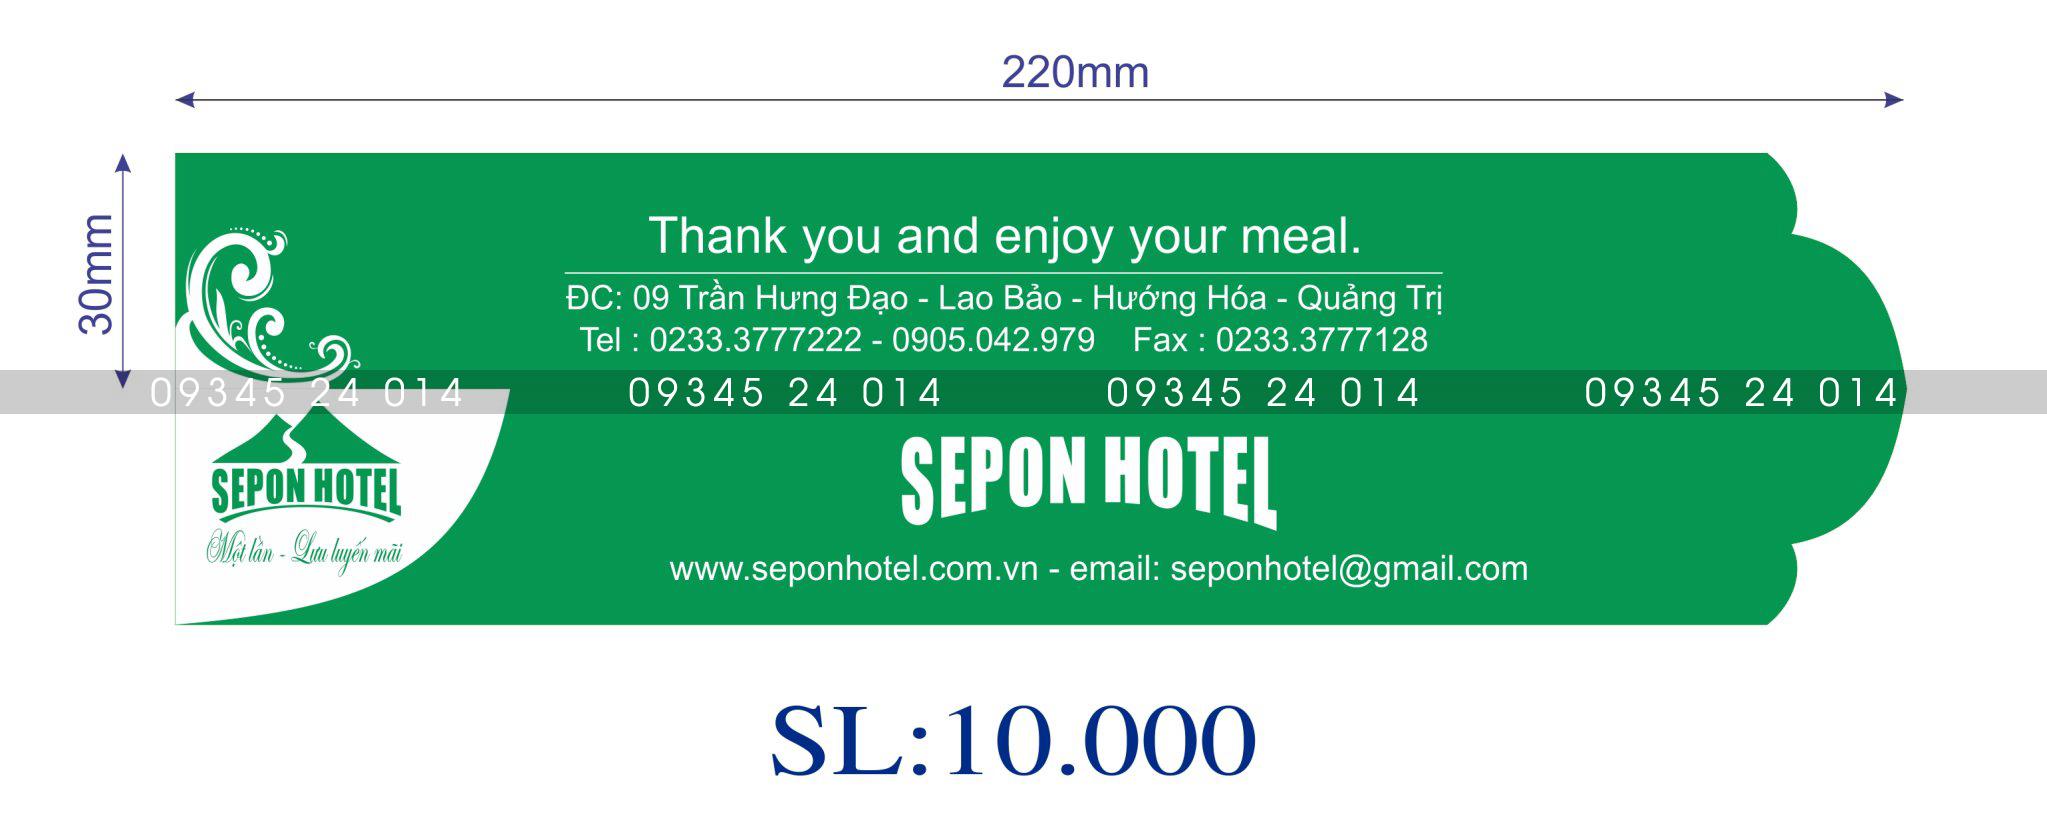 Sepon-hotel